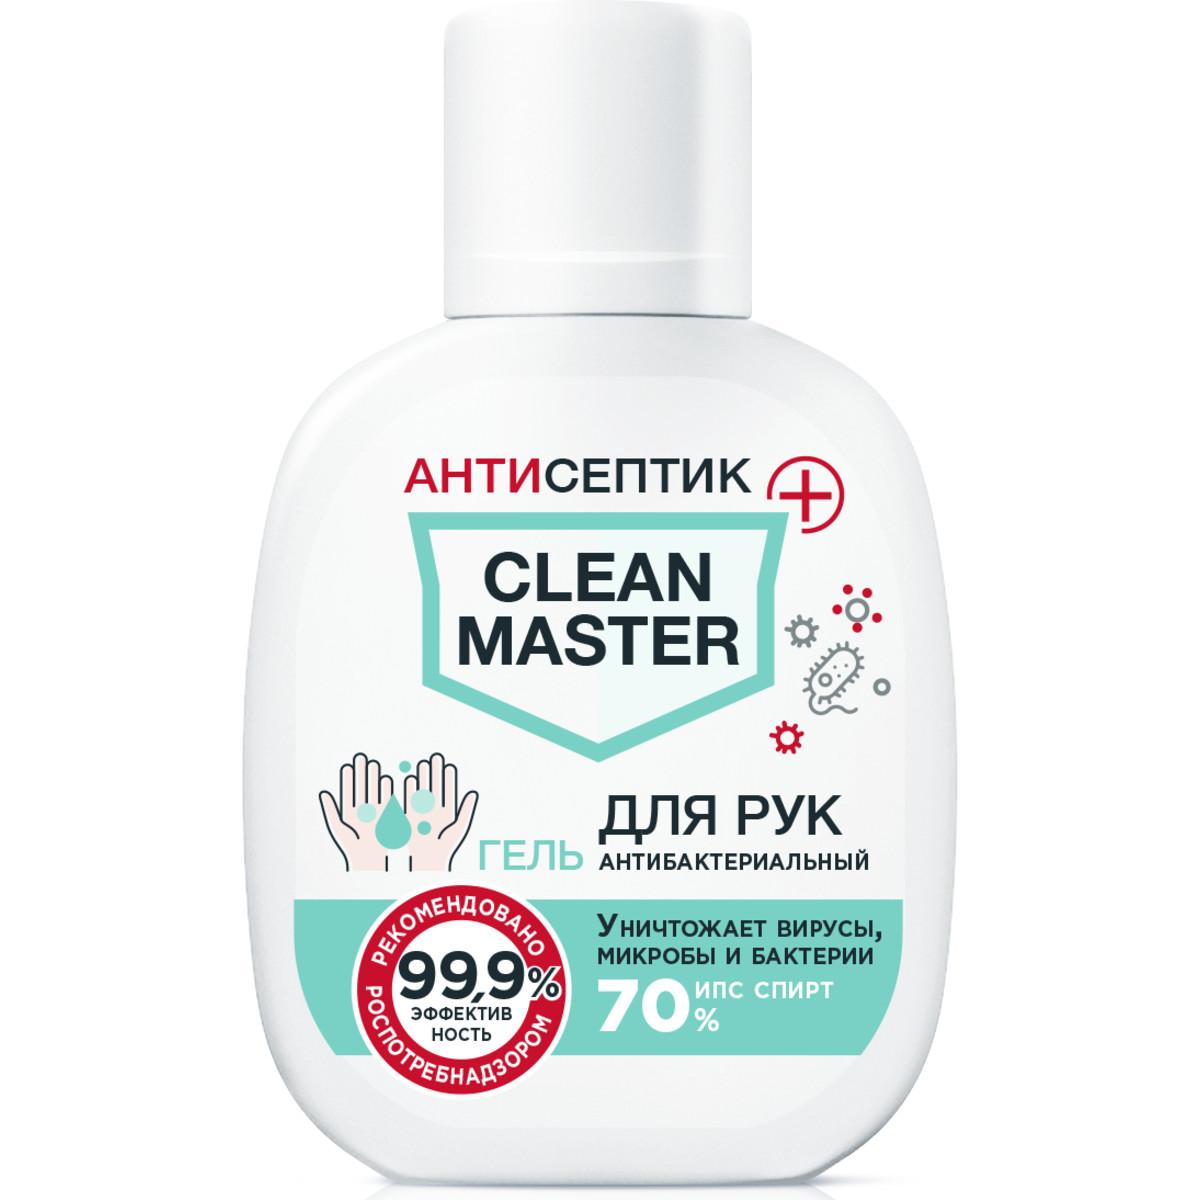 Антибактериальный гель для рук Clean Master на основе изопропилового спирта 70% 60 мл